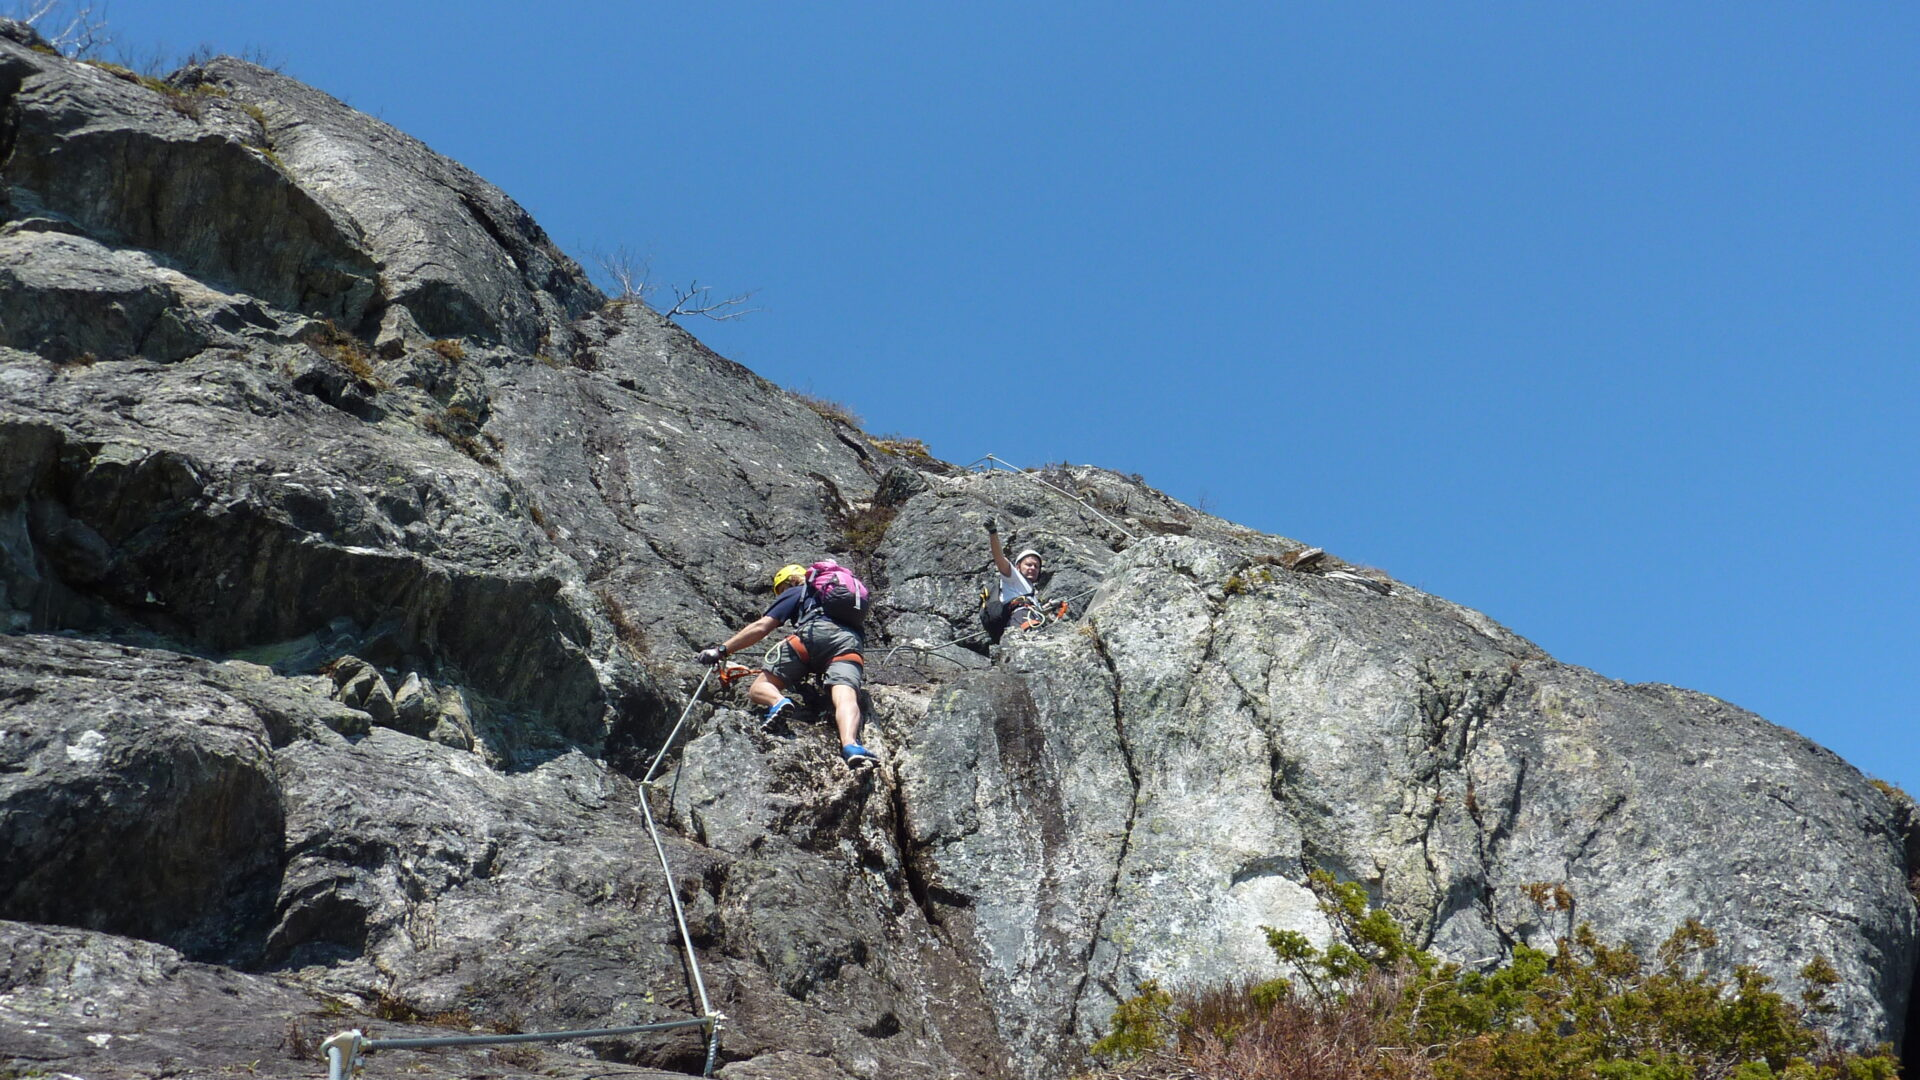 Personnes grimpant un rocher à l'aide d'une corde. Via ferrata